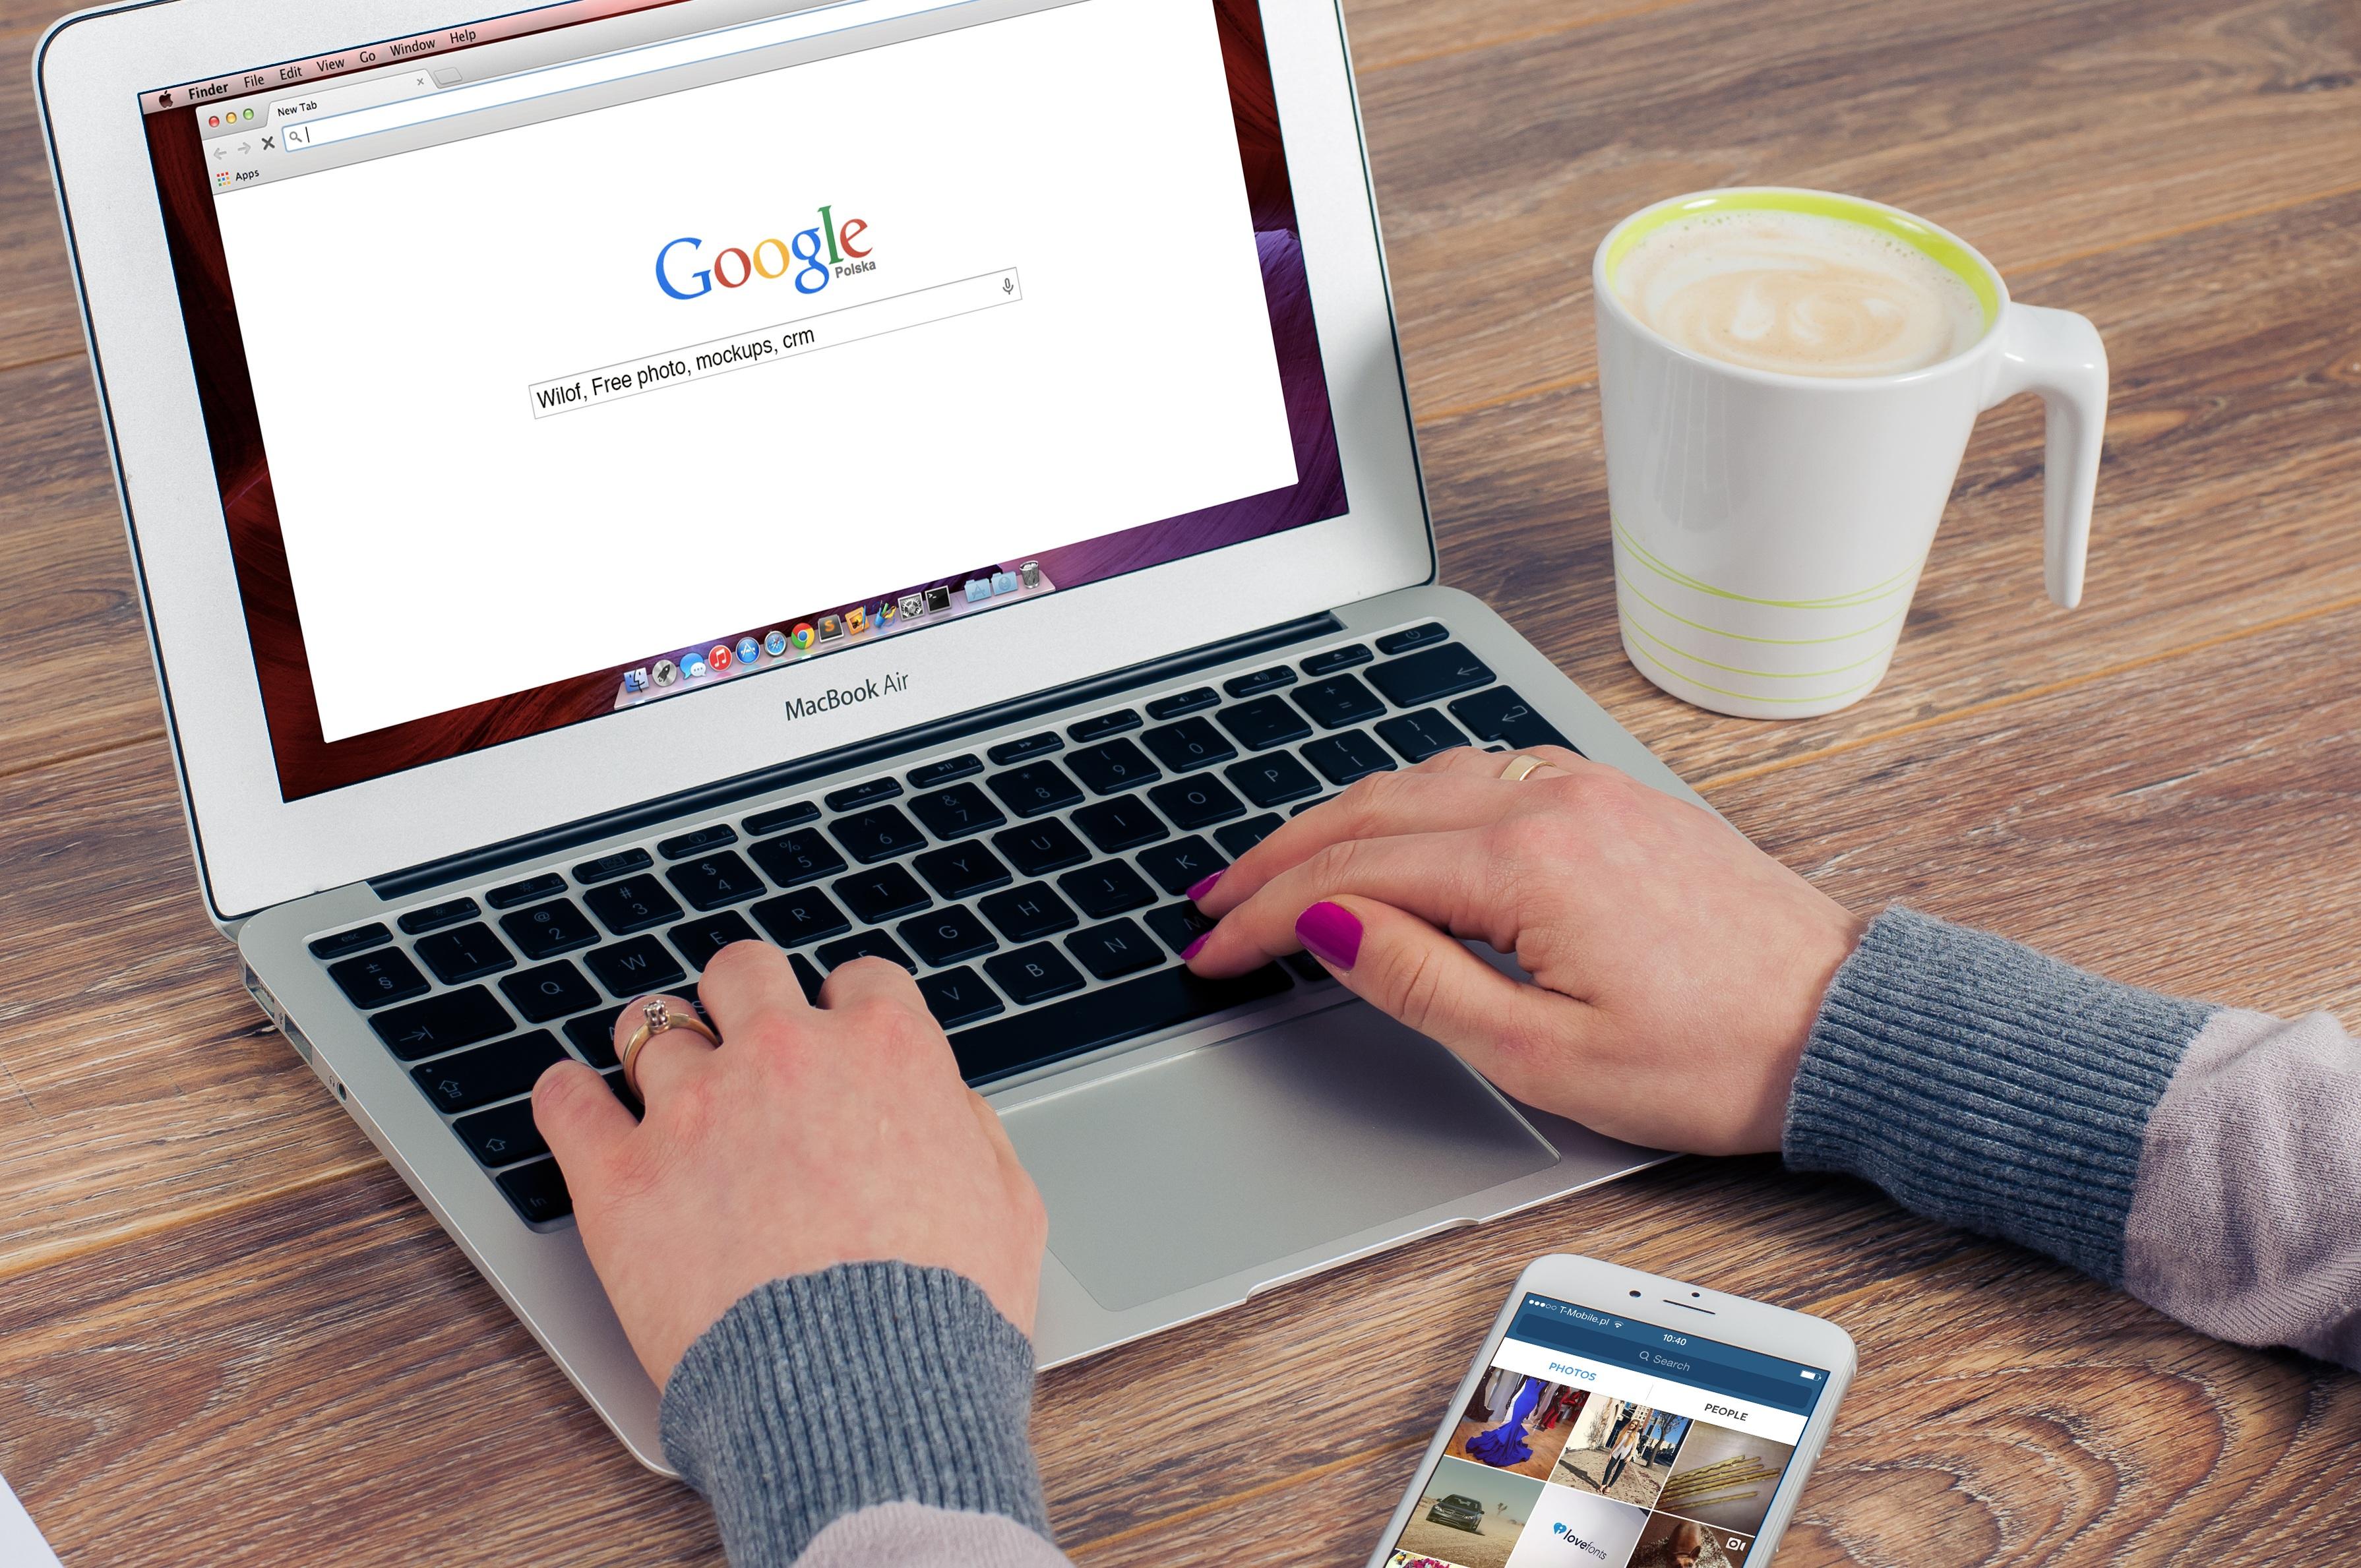 Wie Du die Neuheit Deiner  Idee mit Google, Amazon & Co. recherchierst